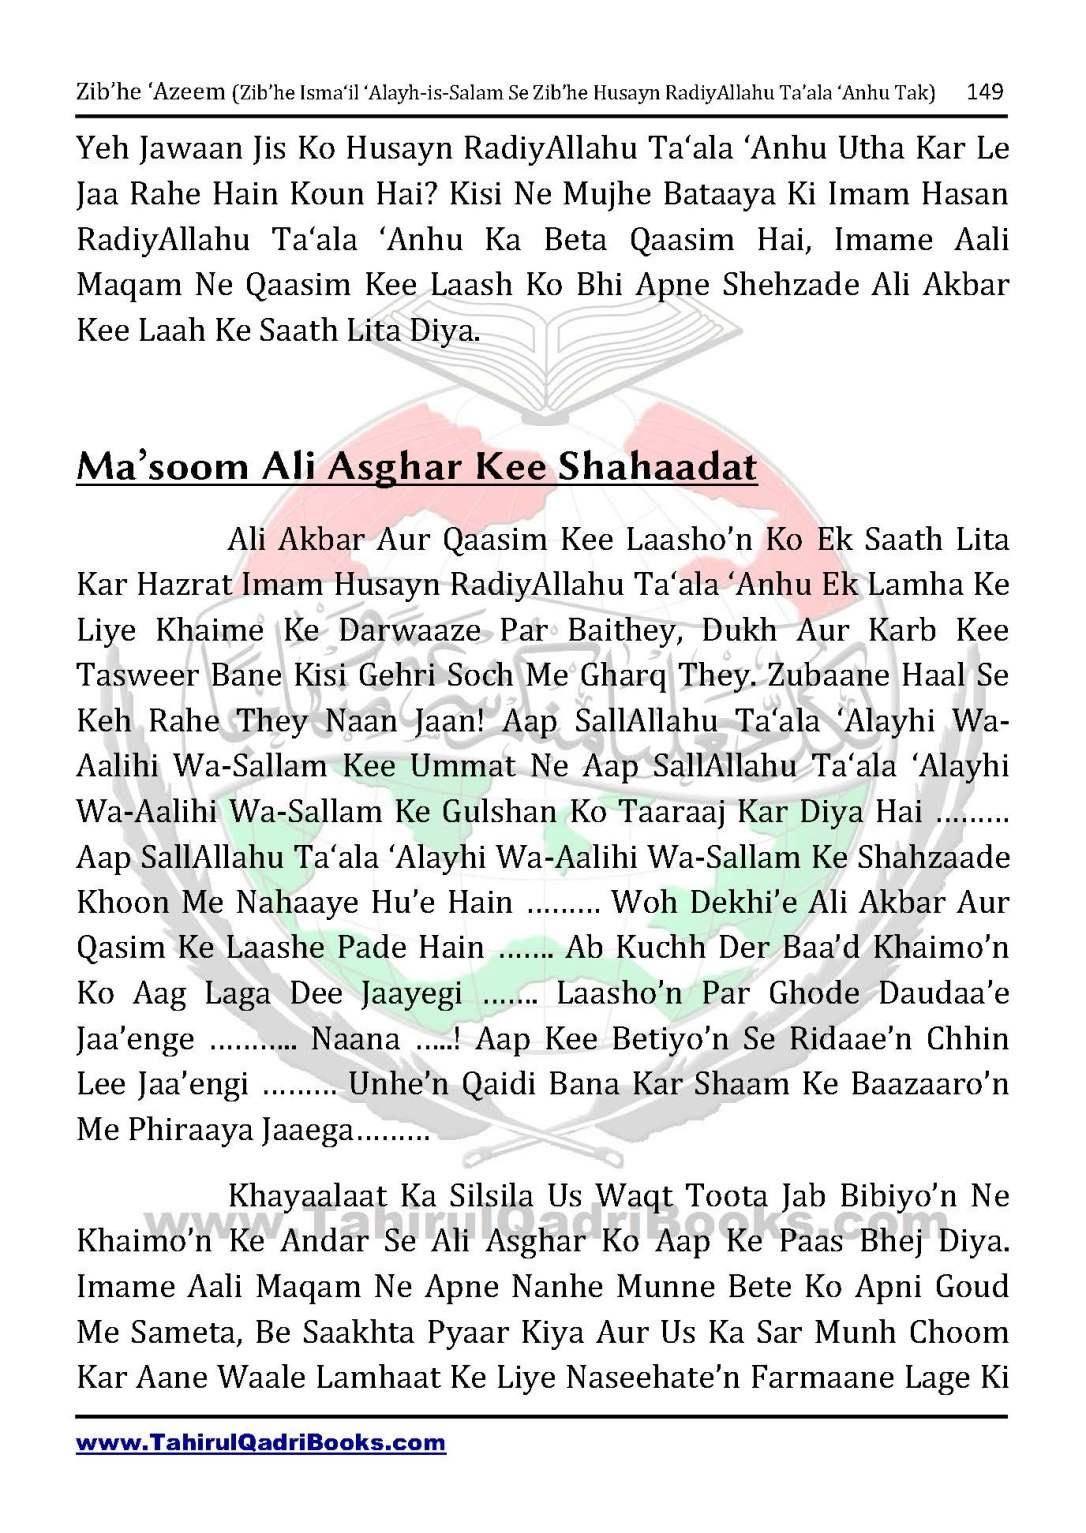 zib_he-e28098azeem-zib_he-ismacabbil-se-zib_he-husayn-tak-in-roman-urdu-unlocked_Page_149